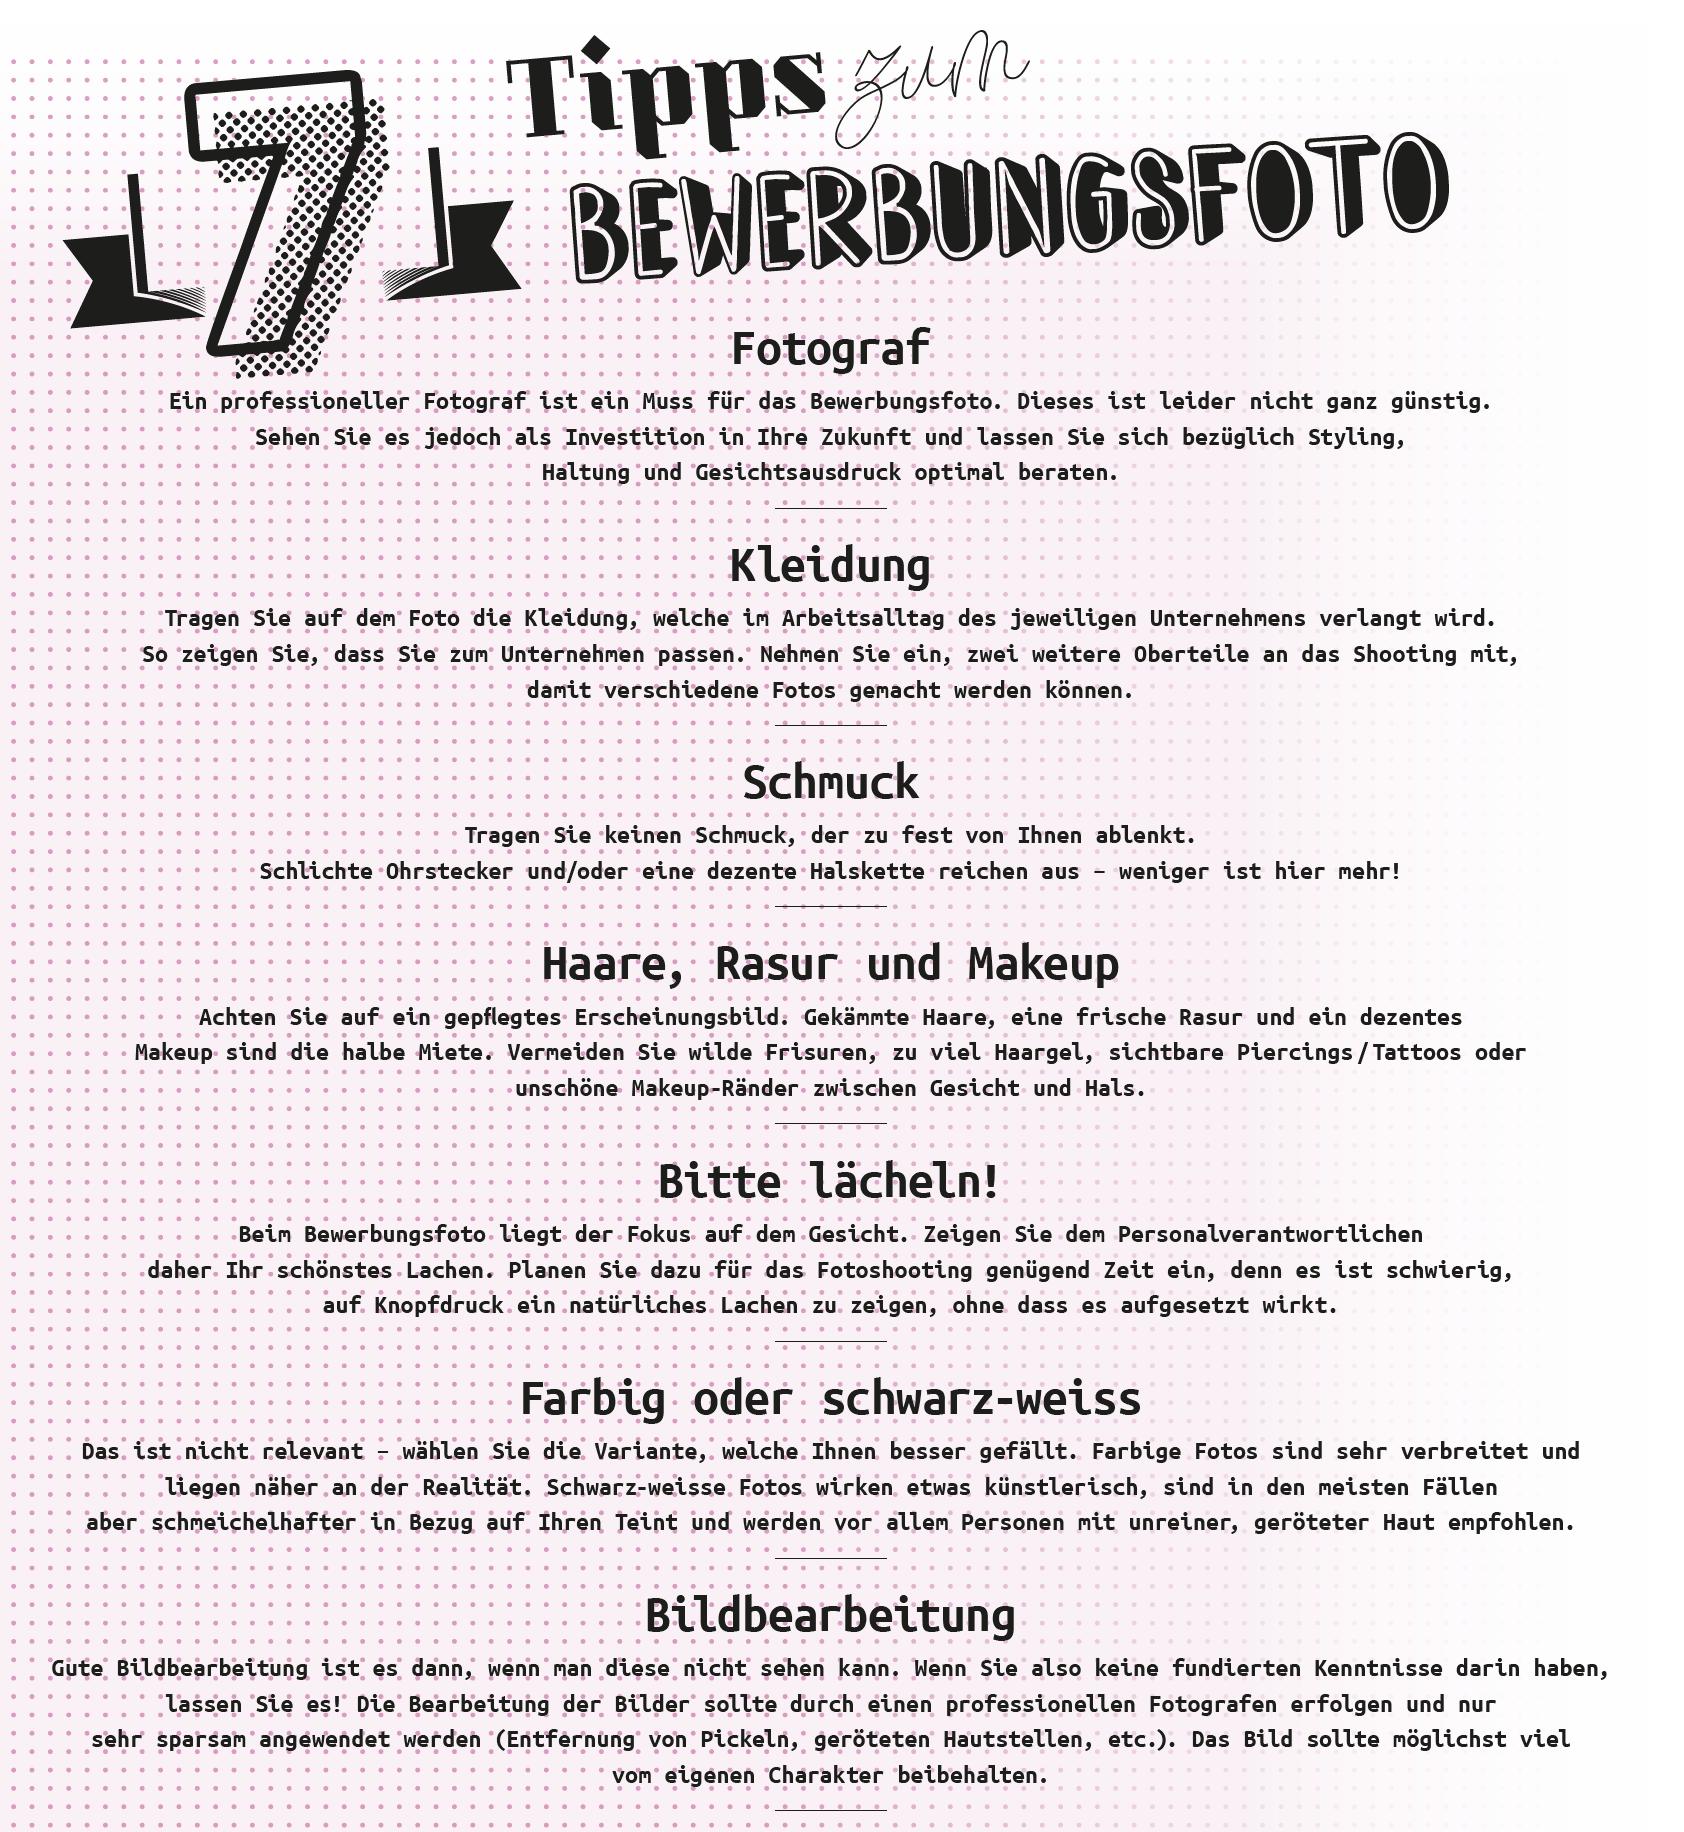 7 Tipps zum Bewerbungsbild